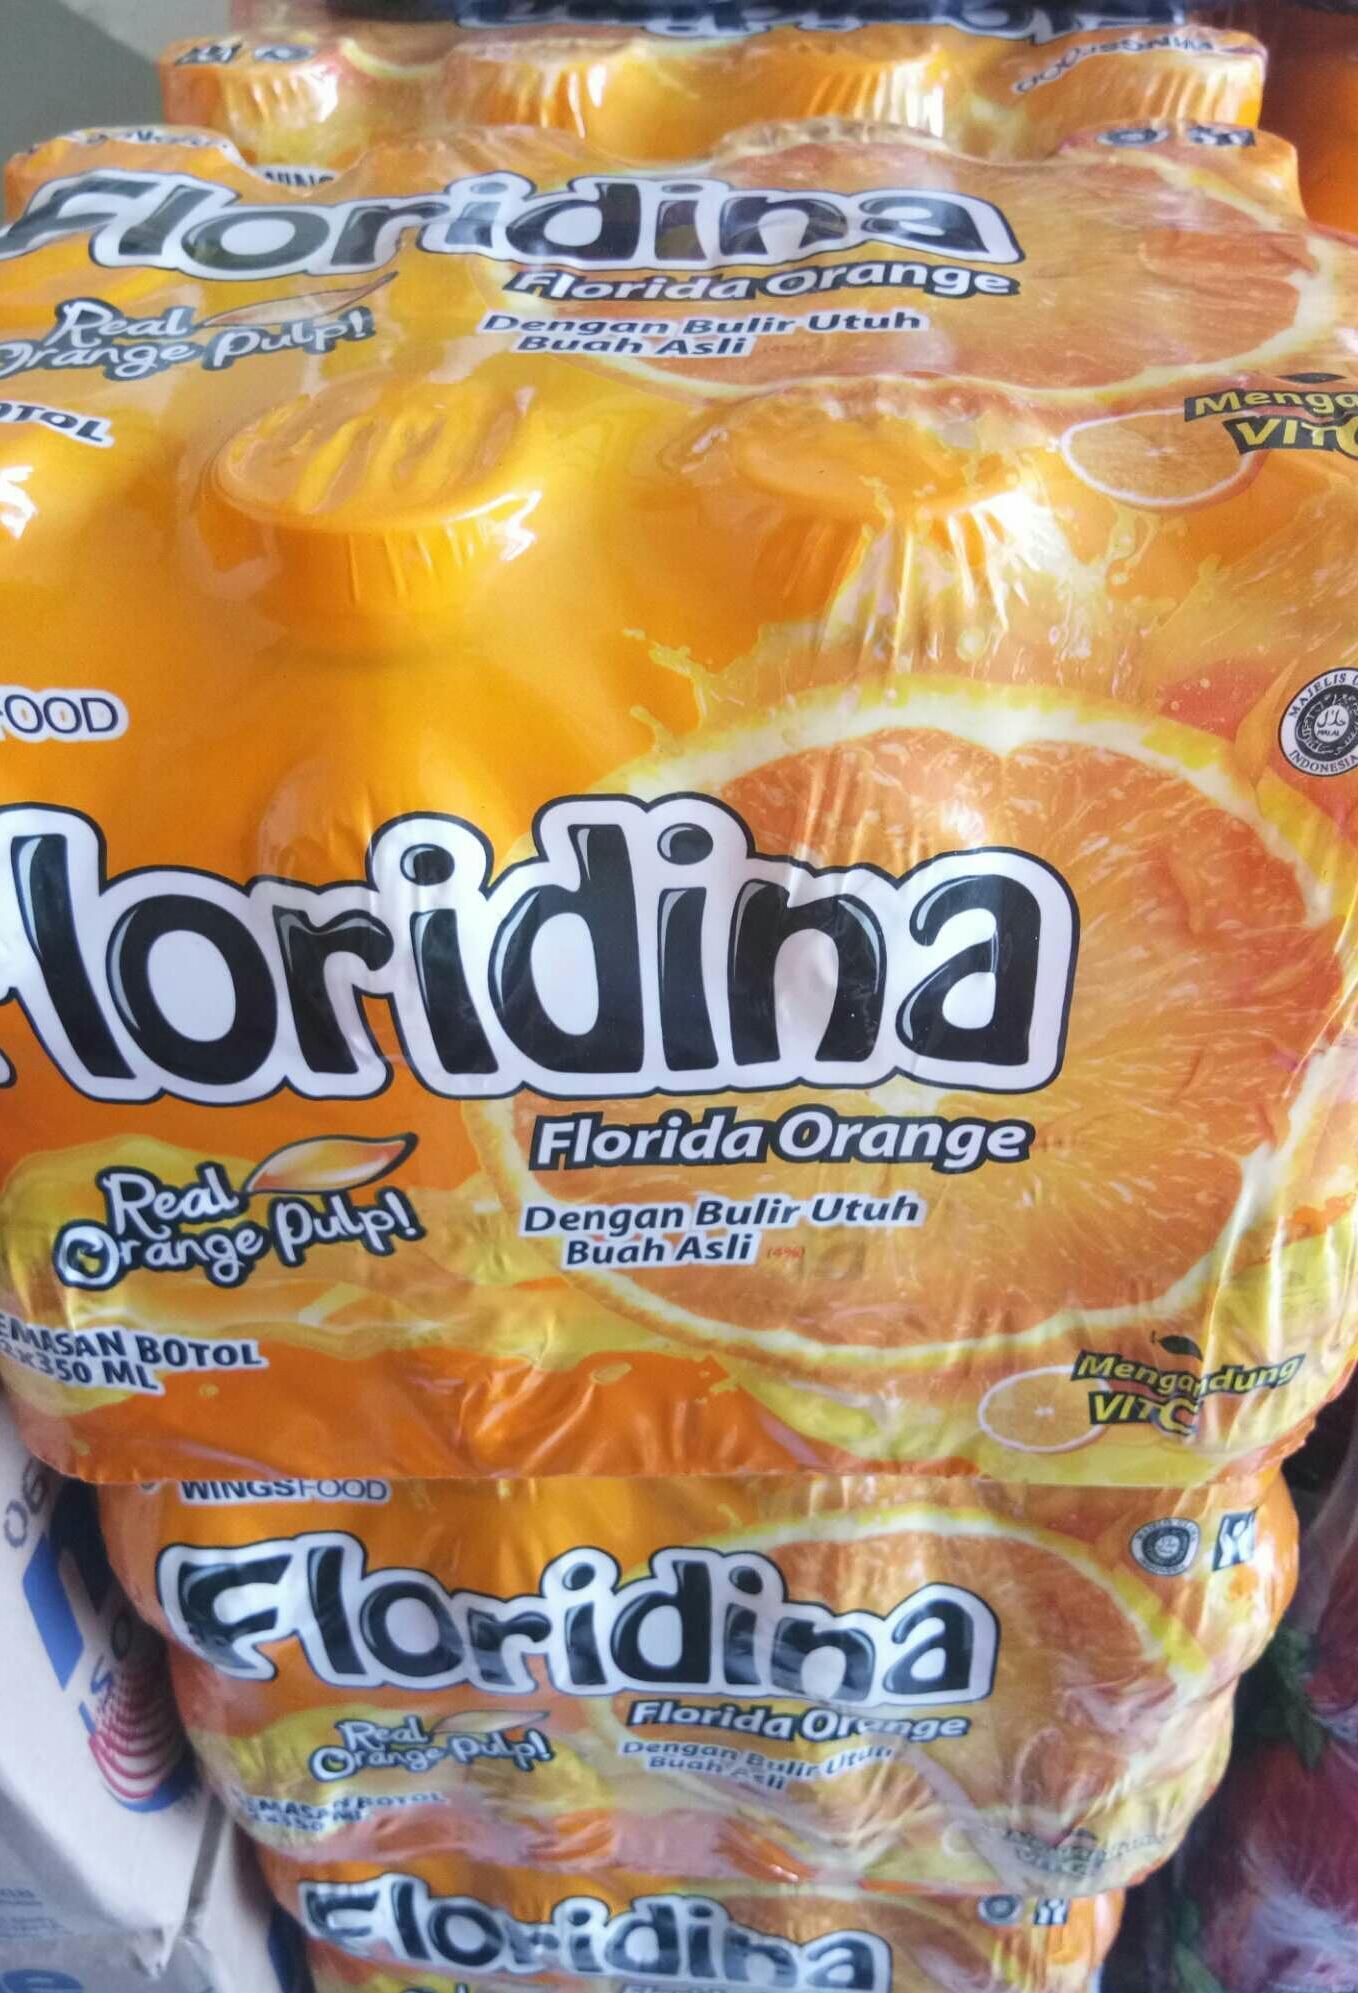 Kelebihan Glade Aerosol Lavender 350ml Terkini Daftar Harga Dan Twin Pack Baygon Natural Orange 600ml Floridina